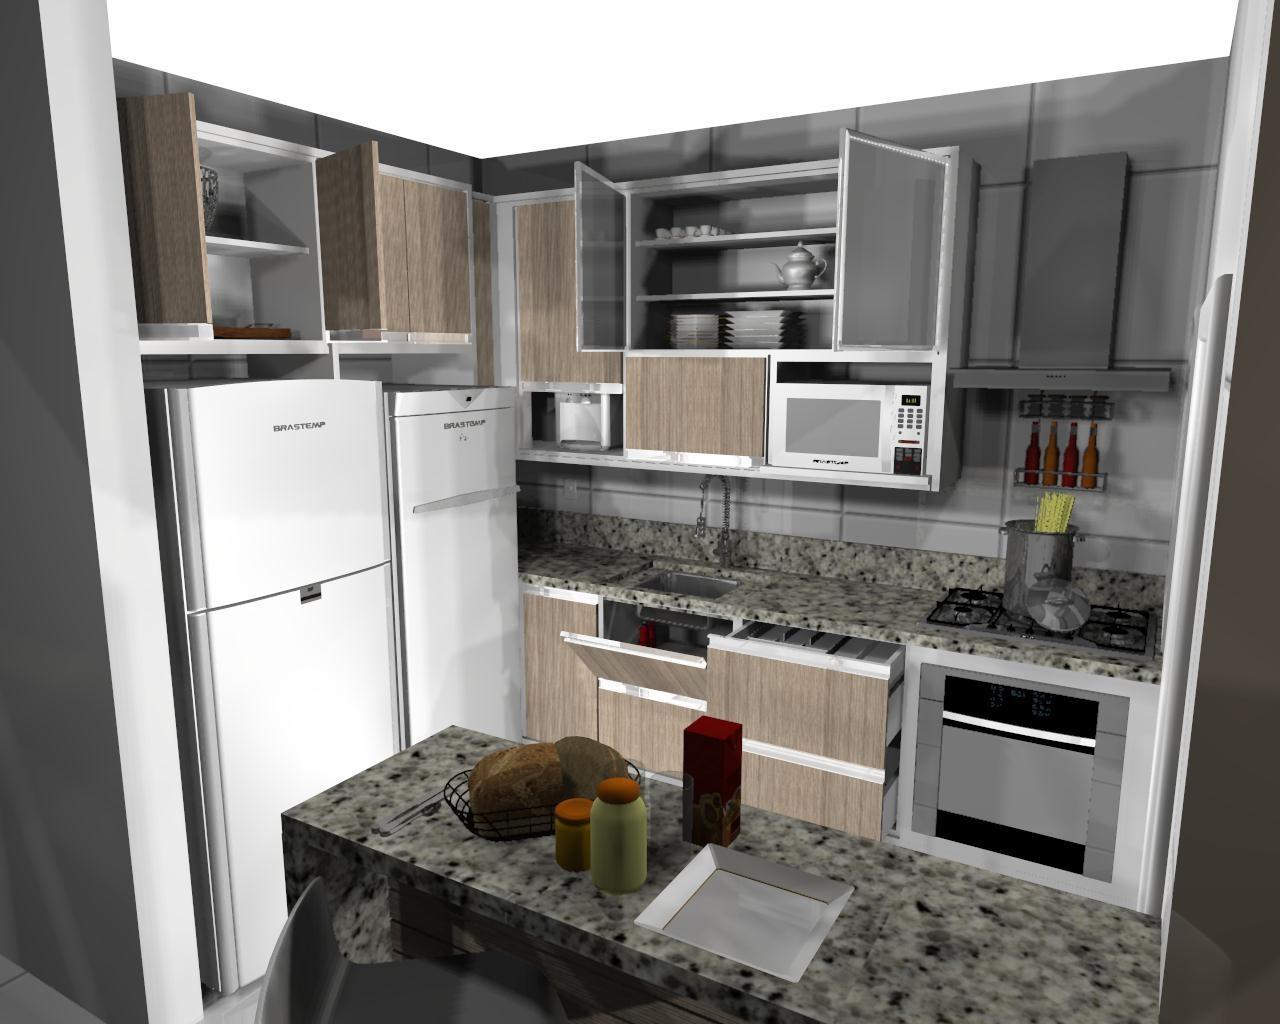 Um estudio de decoracoes.: Cozinha Branca com Teka Barcelona granito  #5D4C3C 1280 1024